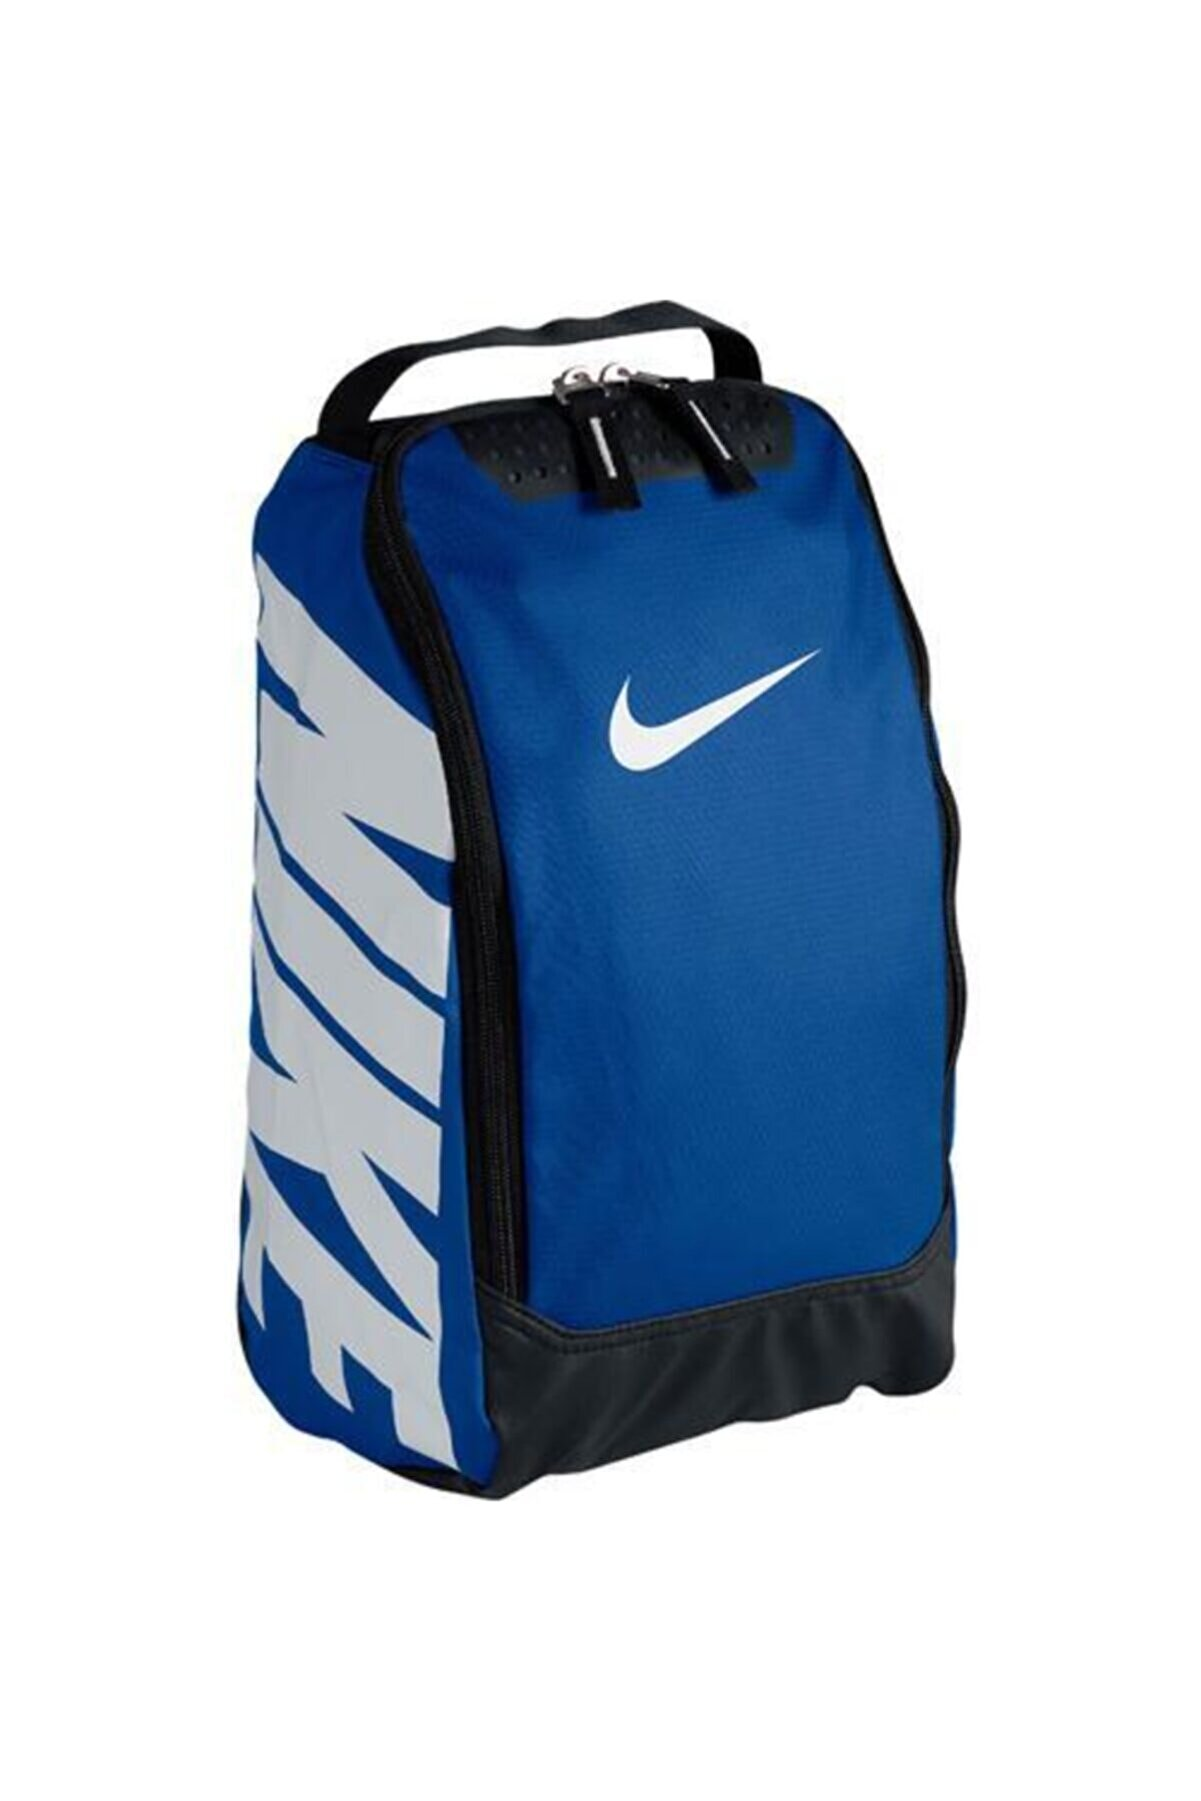 Nike Unisex Lacivert Ayakkabı El Krampon Çantası  Ba4600-041